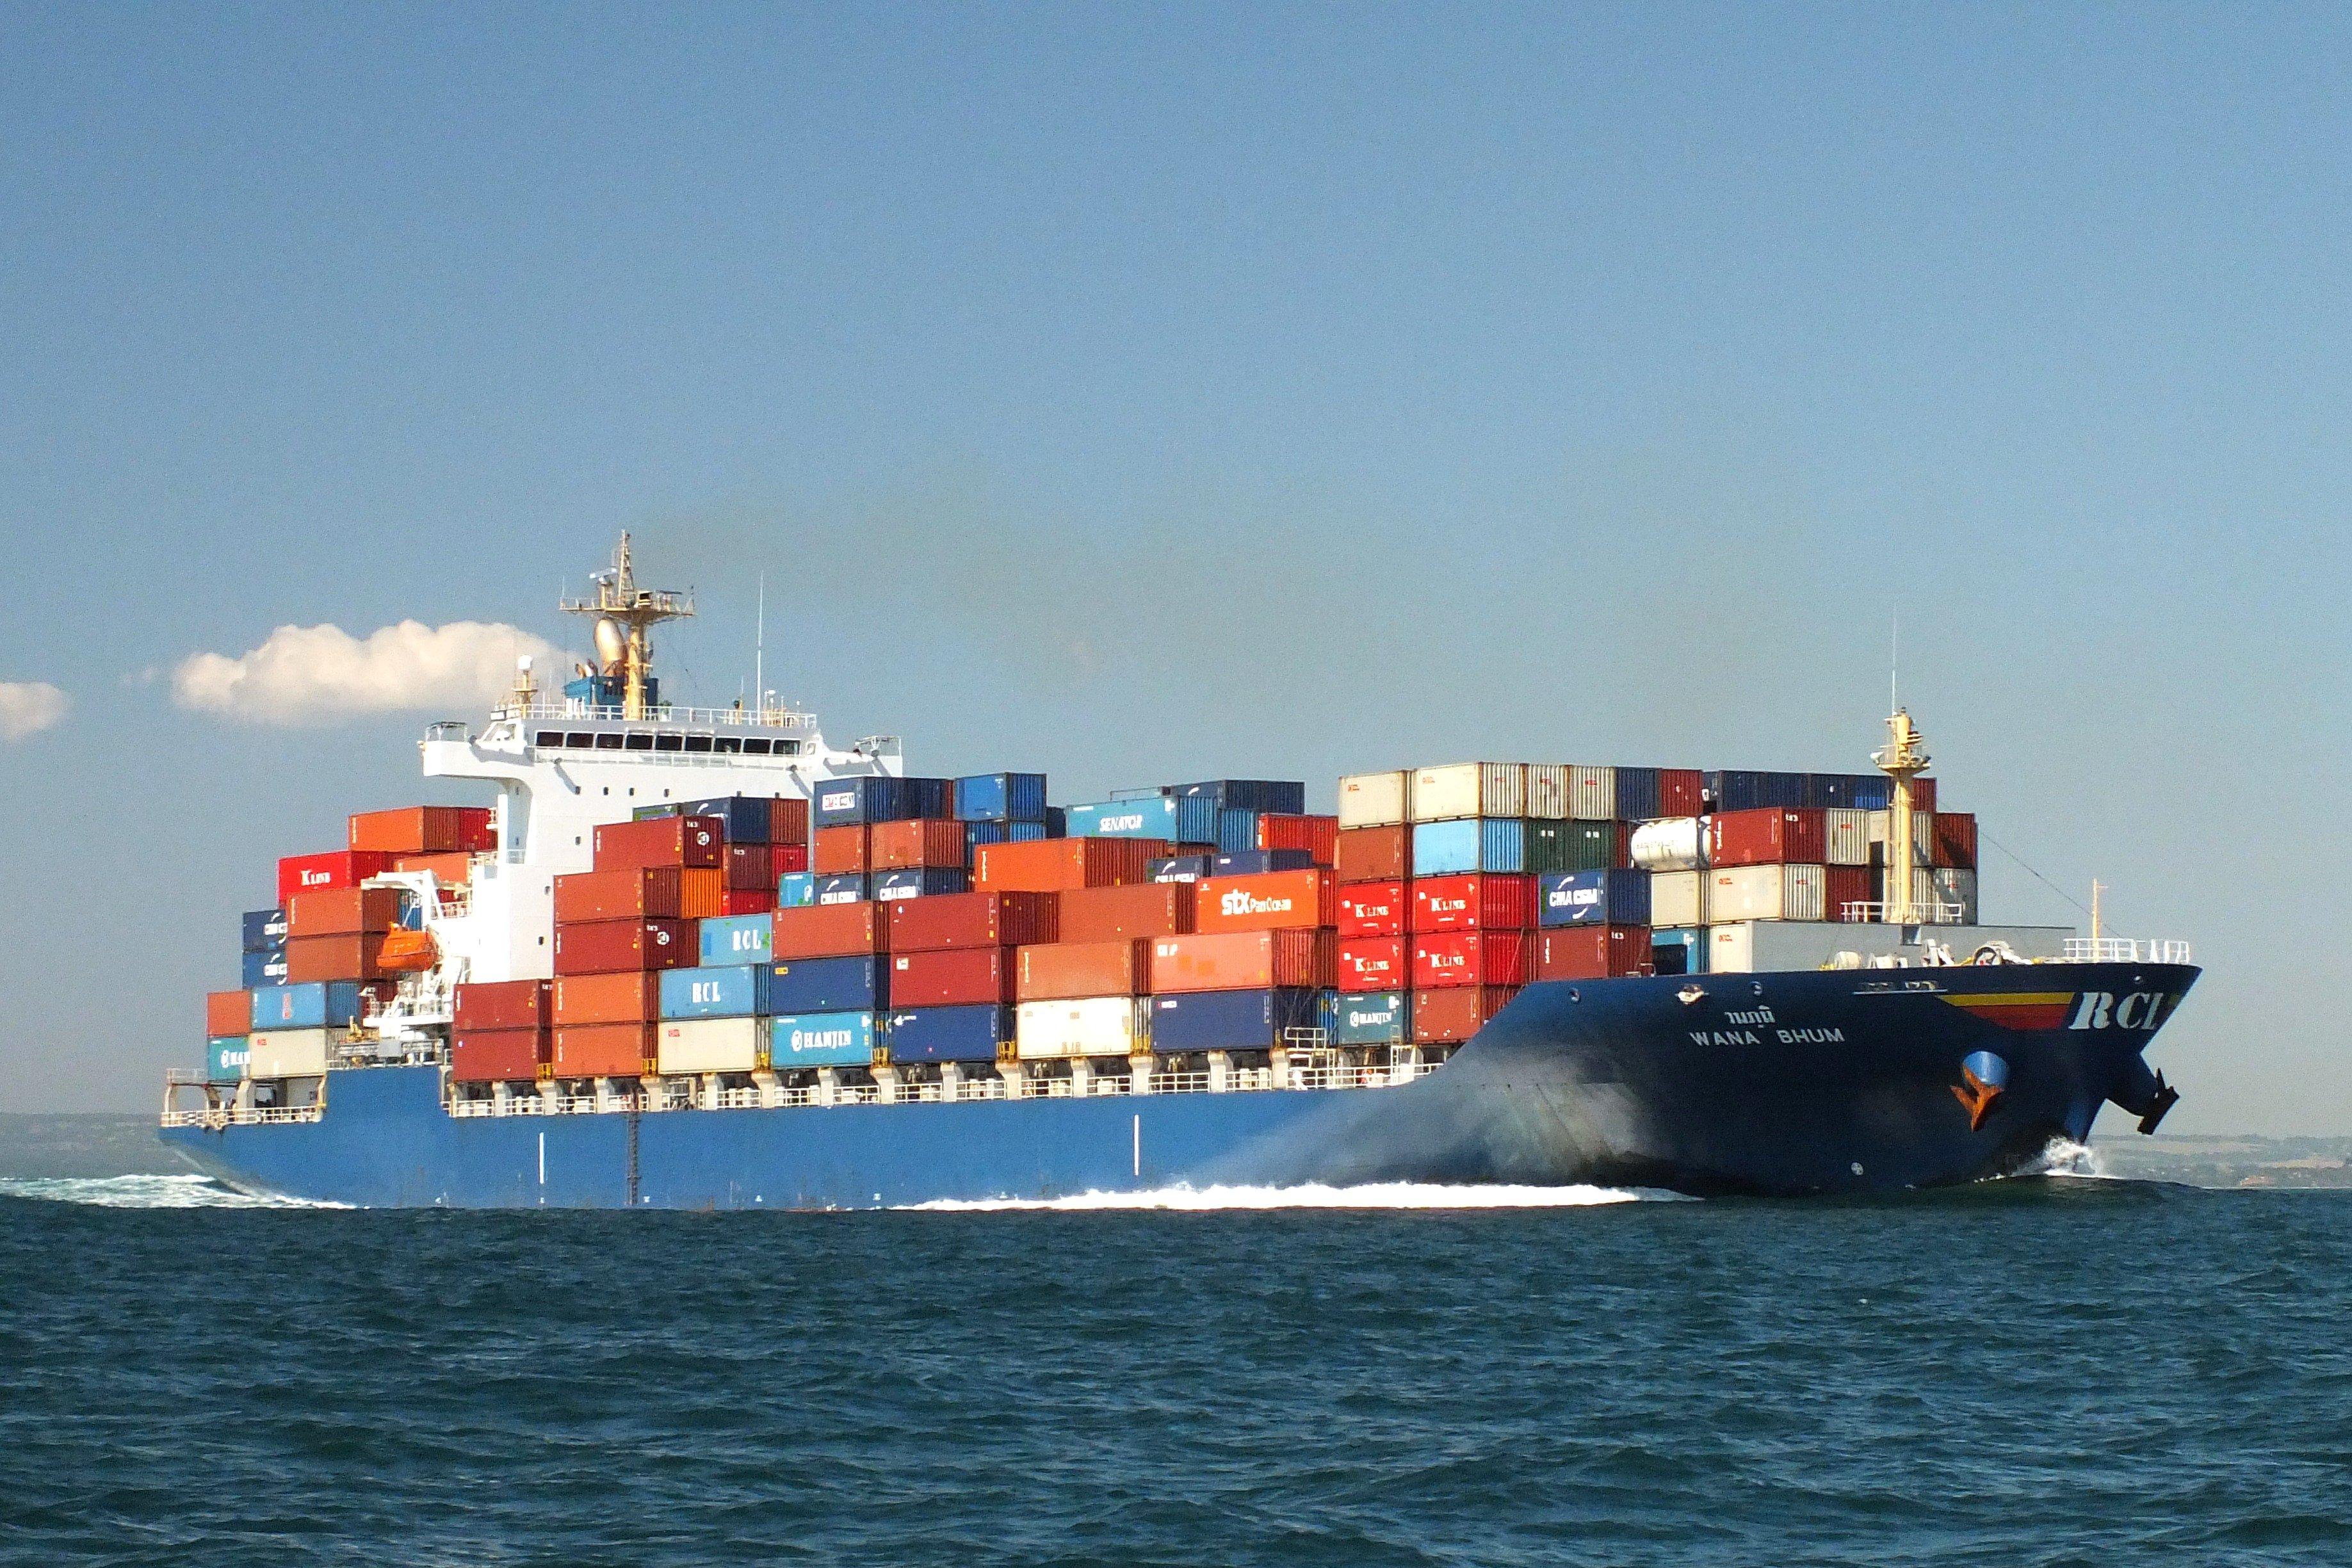 CARGO SHIP boat transport wallpaper | 3673x2449 | 458194 ...